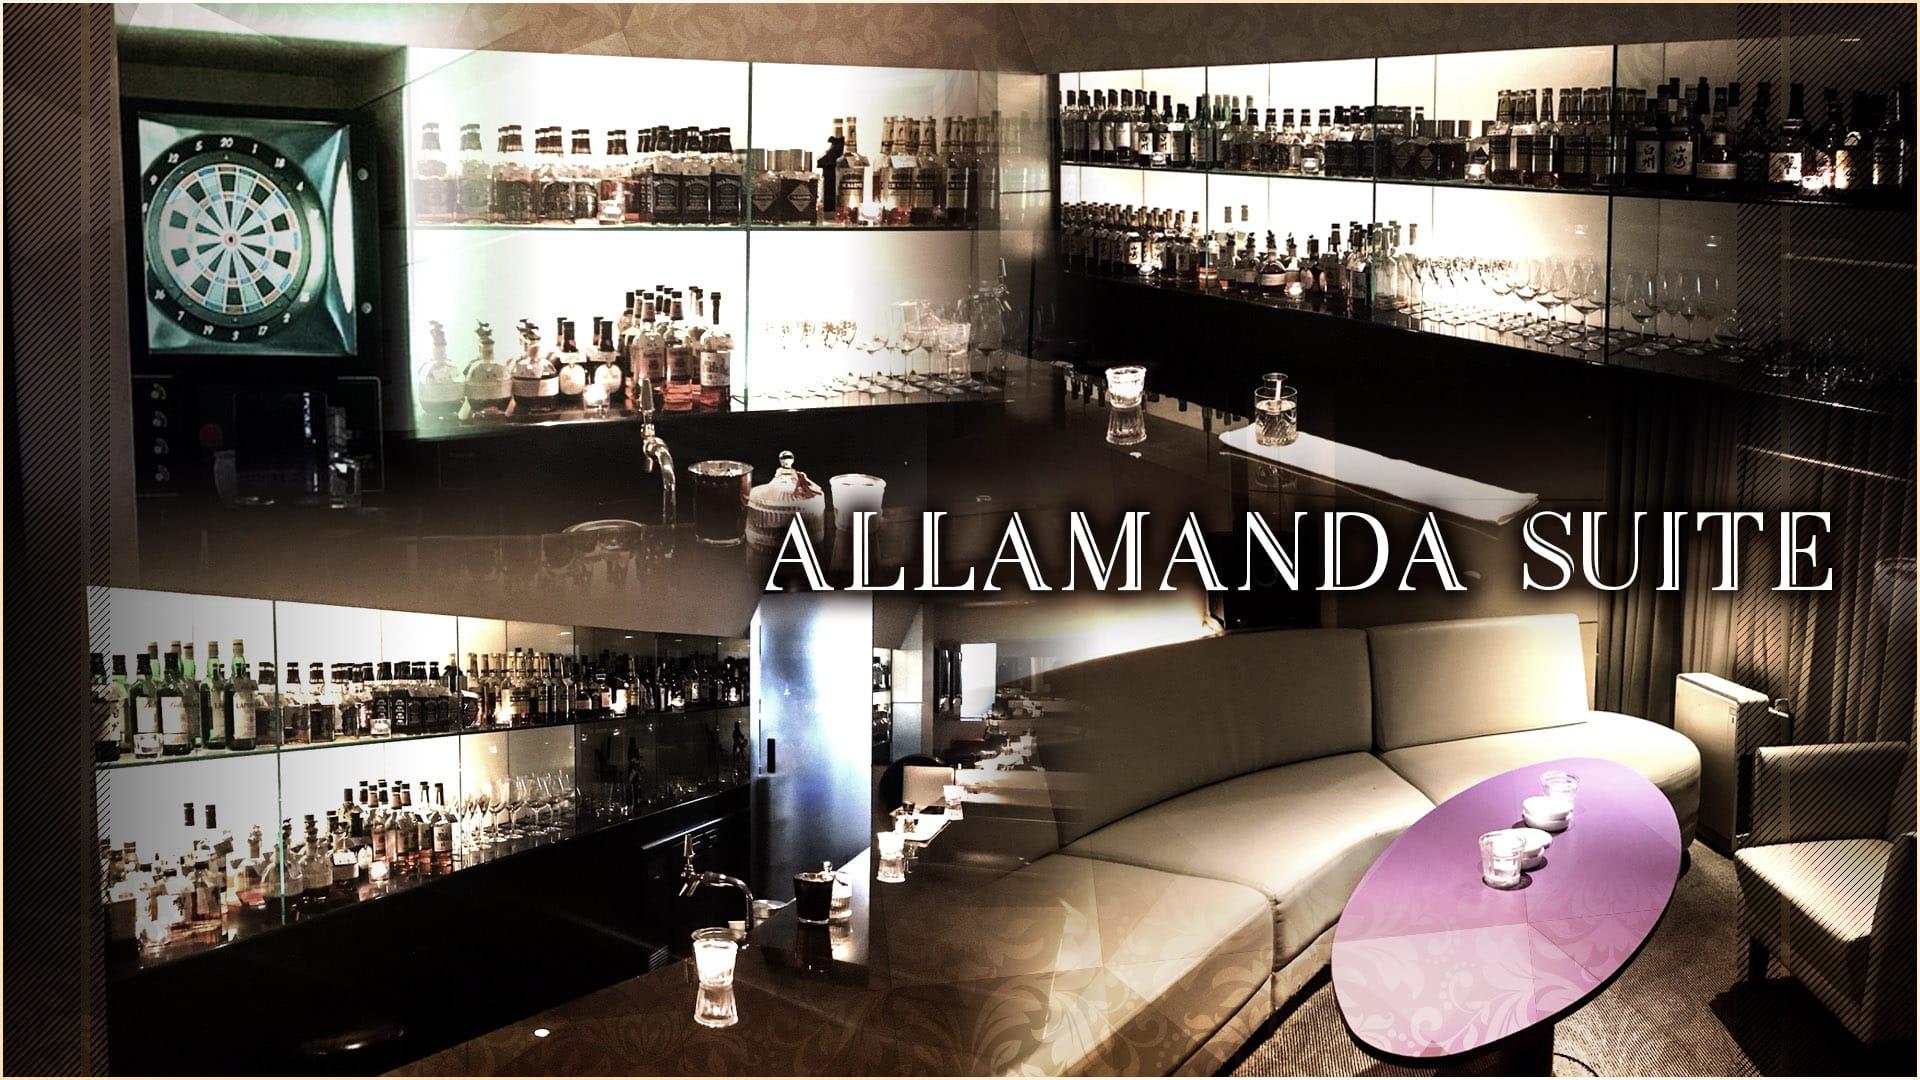 ALLAMANDA SUITE (アラマンダ スイート) 渋谷ラウンジ TOP画像